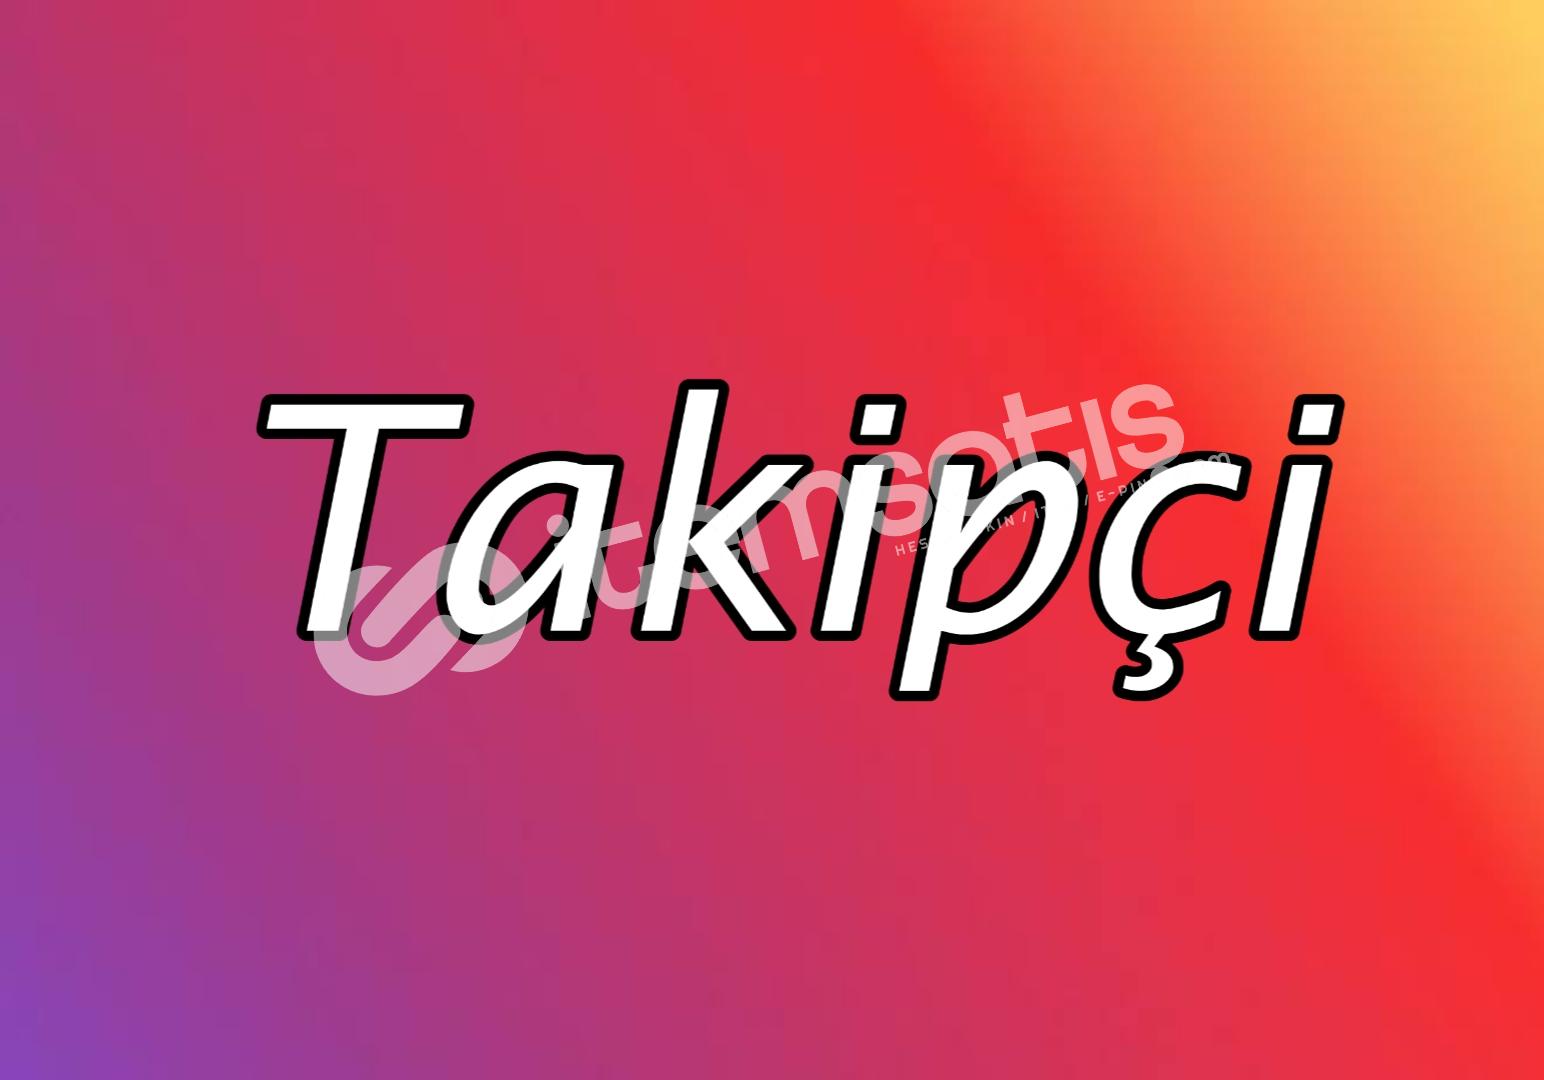 Instagram 1000 Takipçi